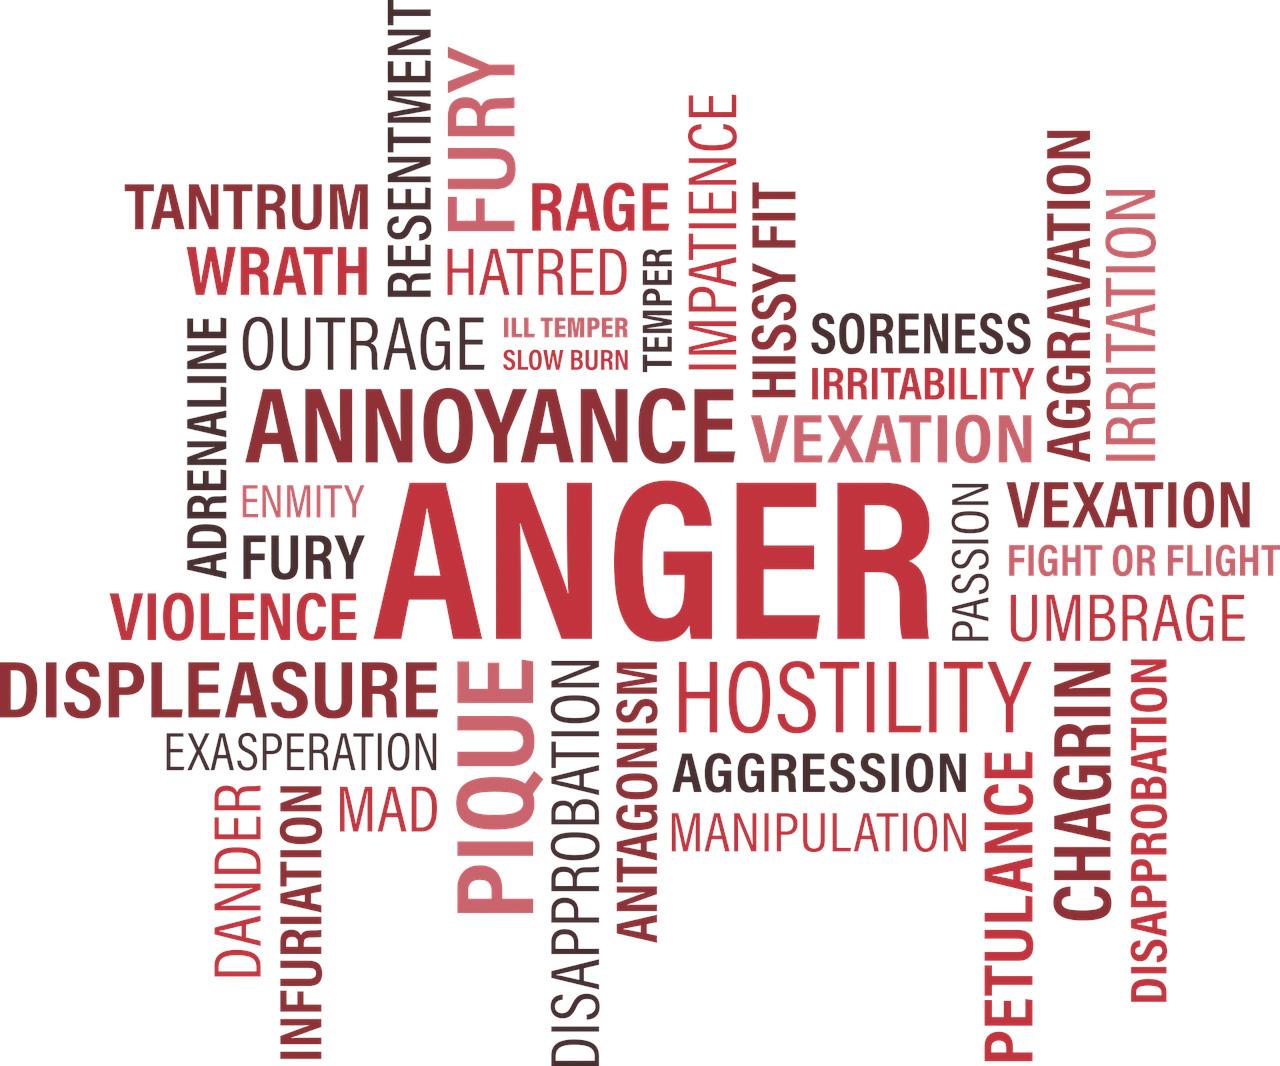 anger-1462088_1280_edited